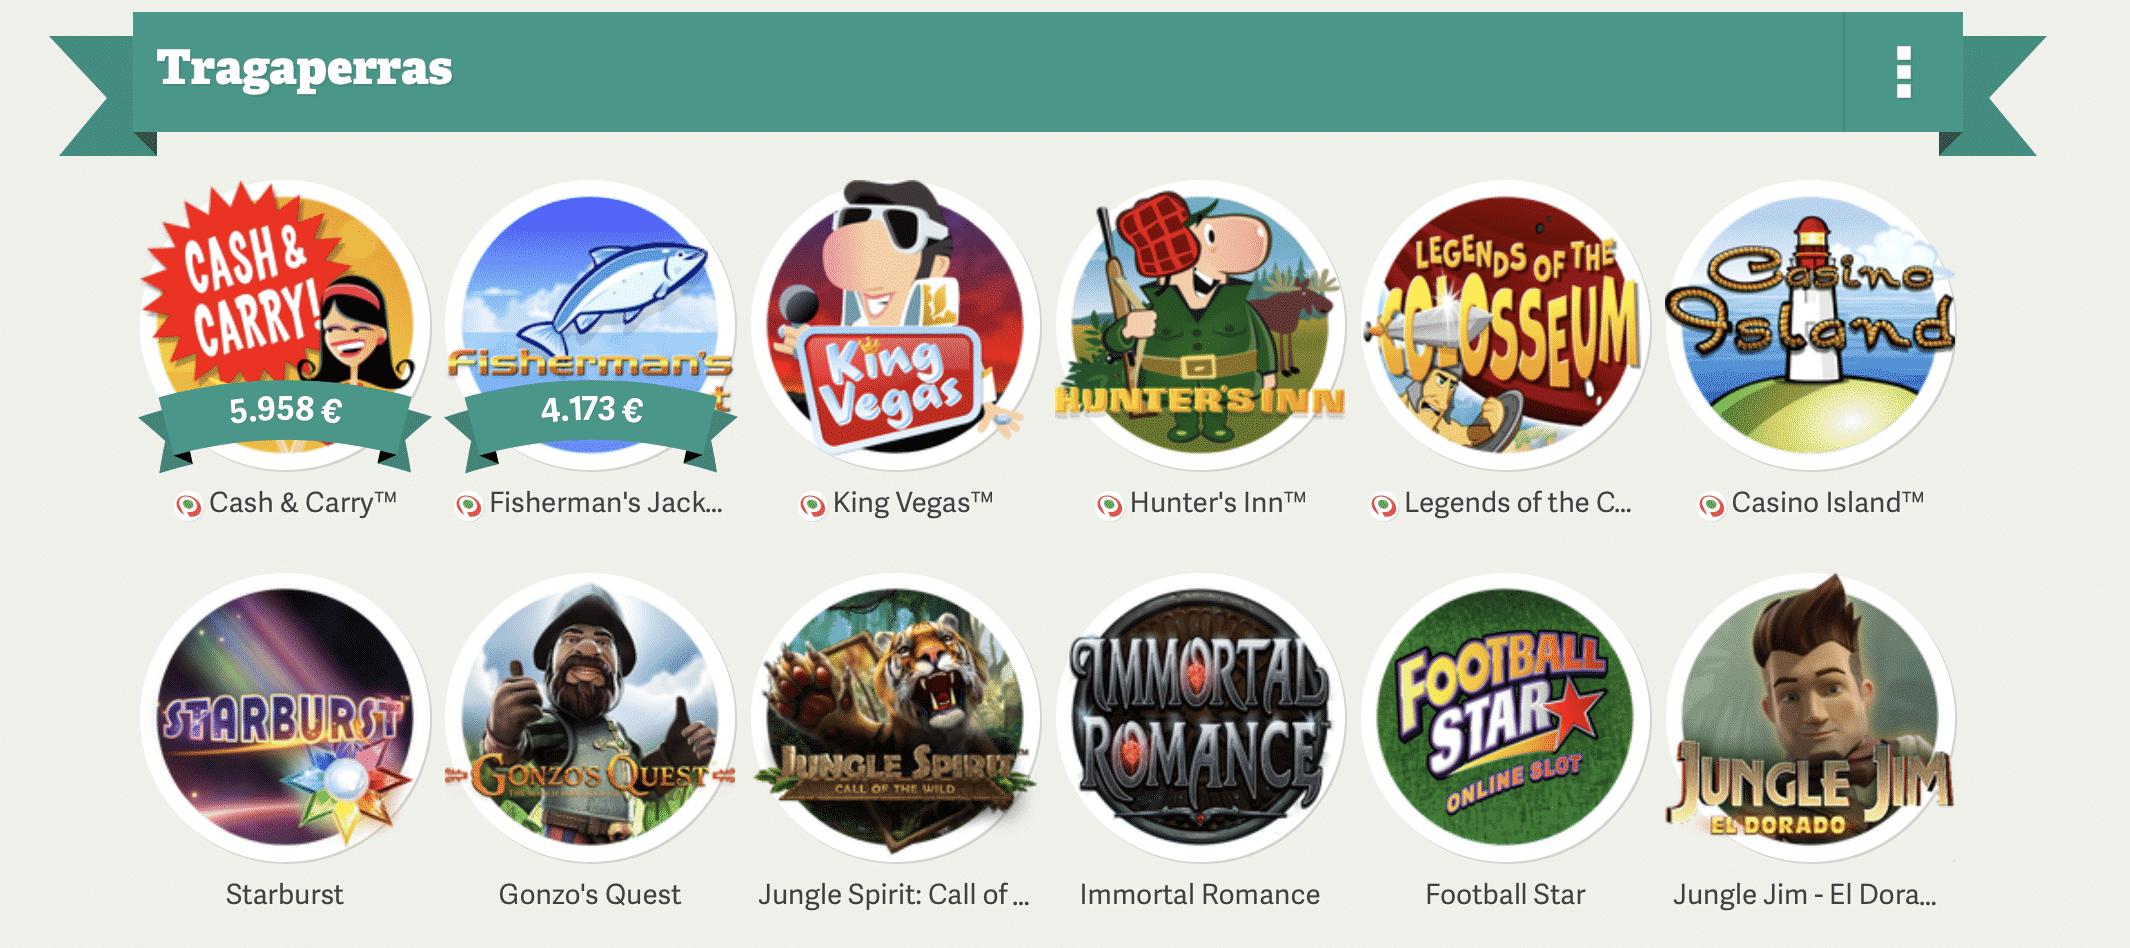 Jackpot city es confiable unibet bonos casino en vivo-749978